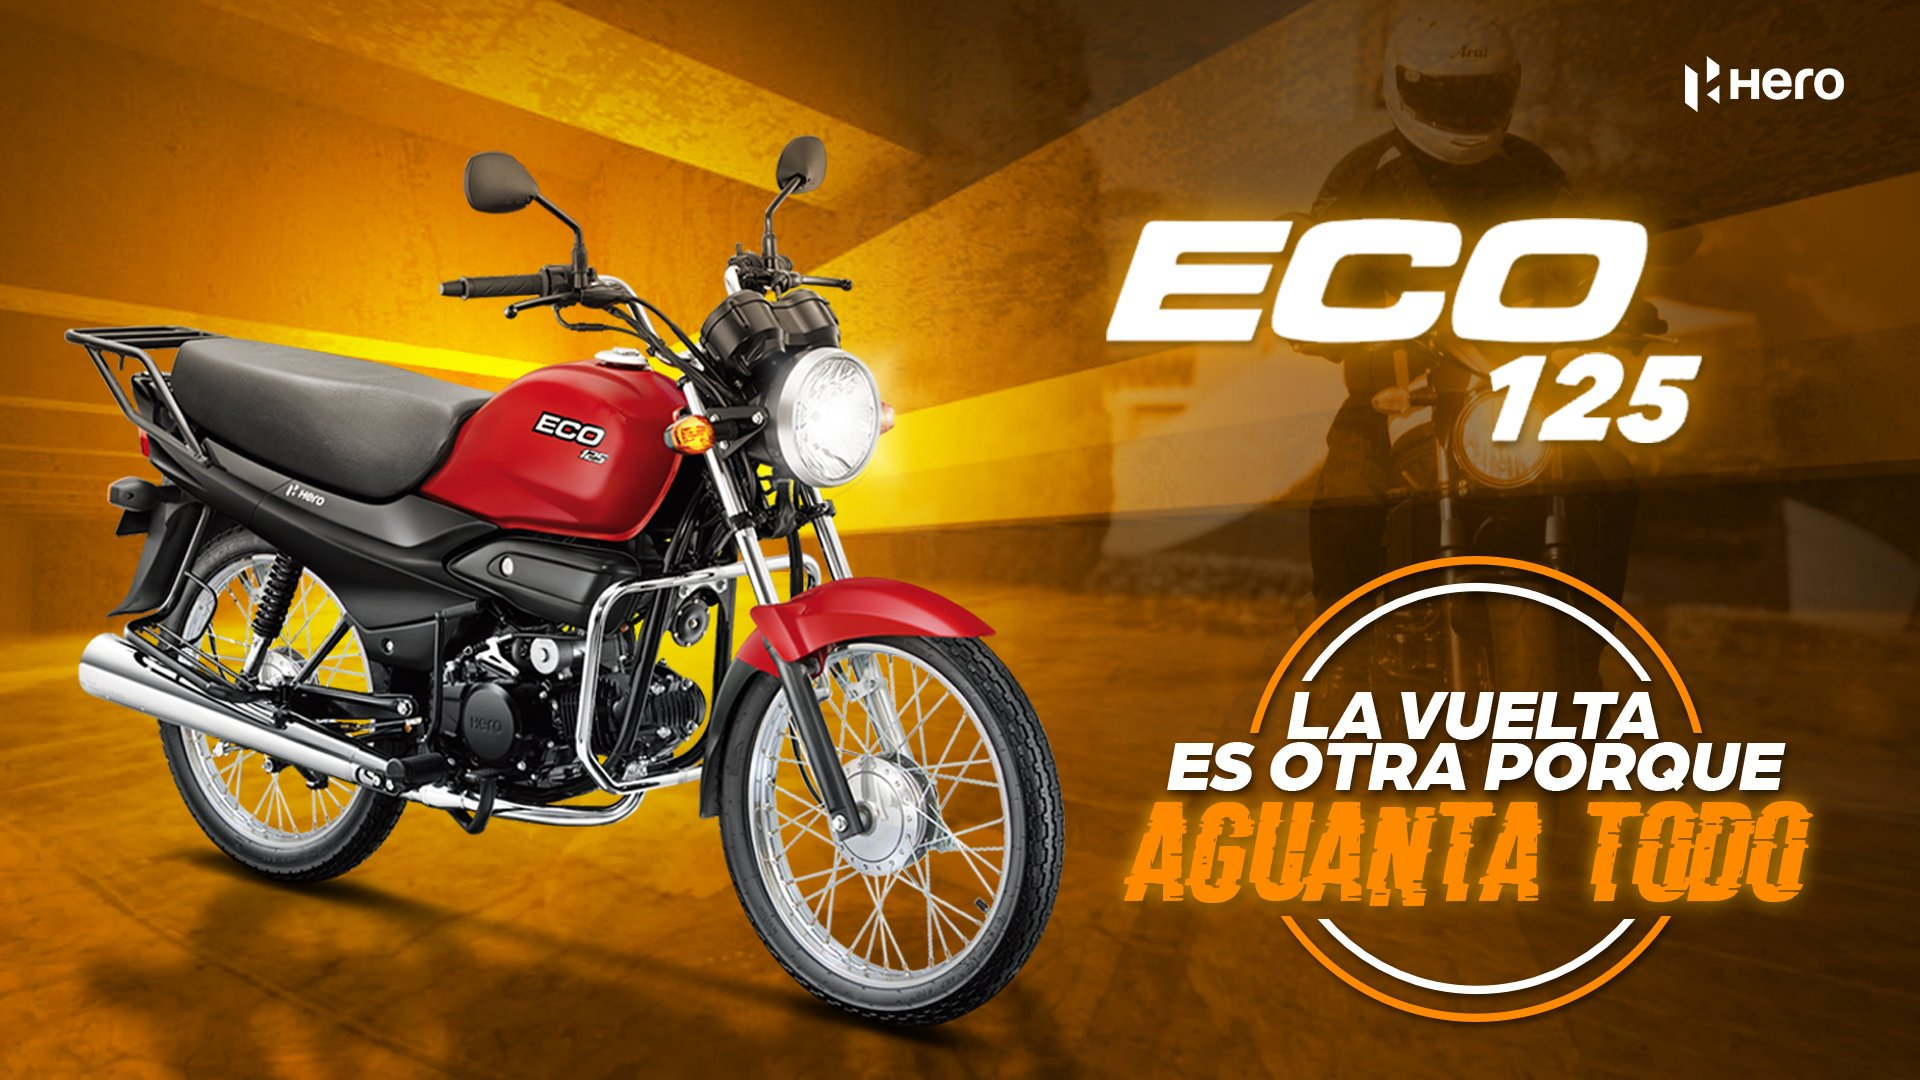 hero eco 125